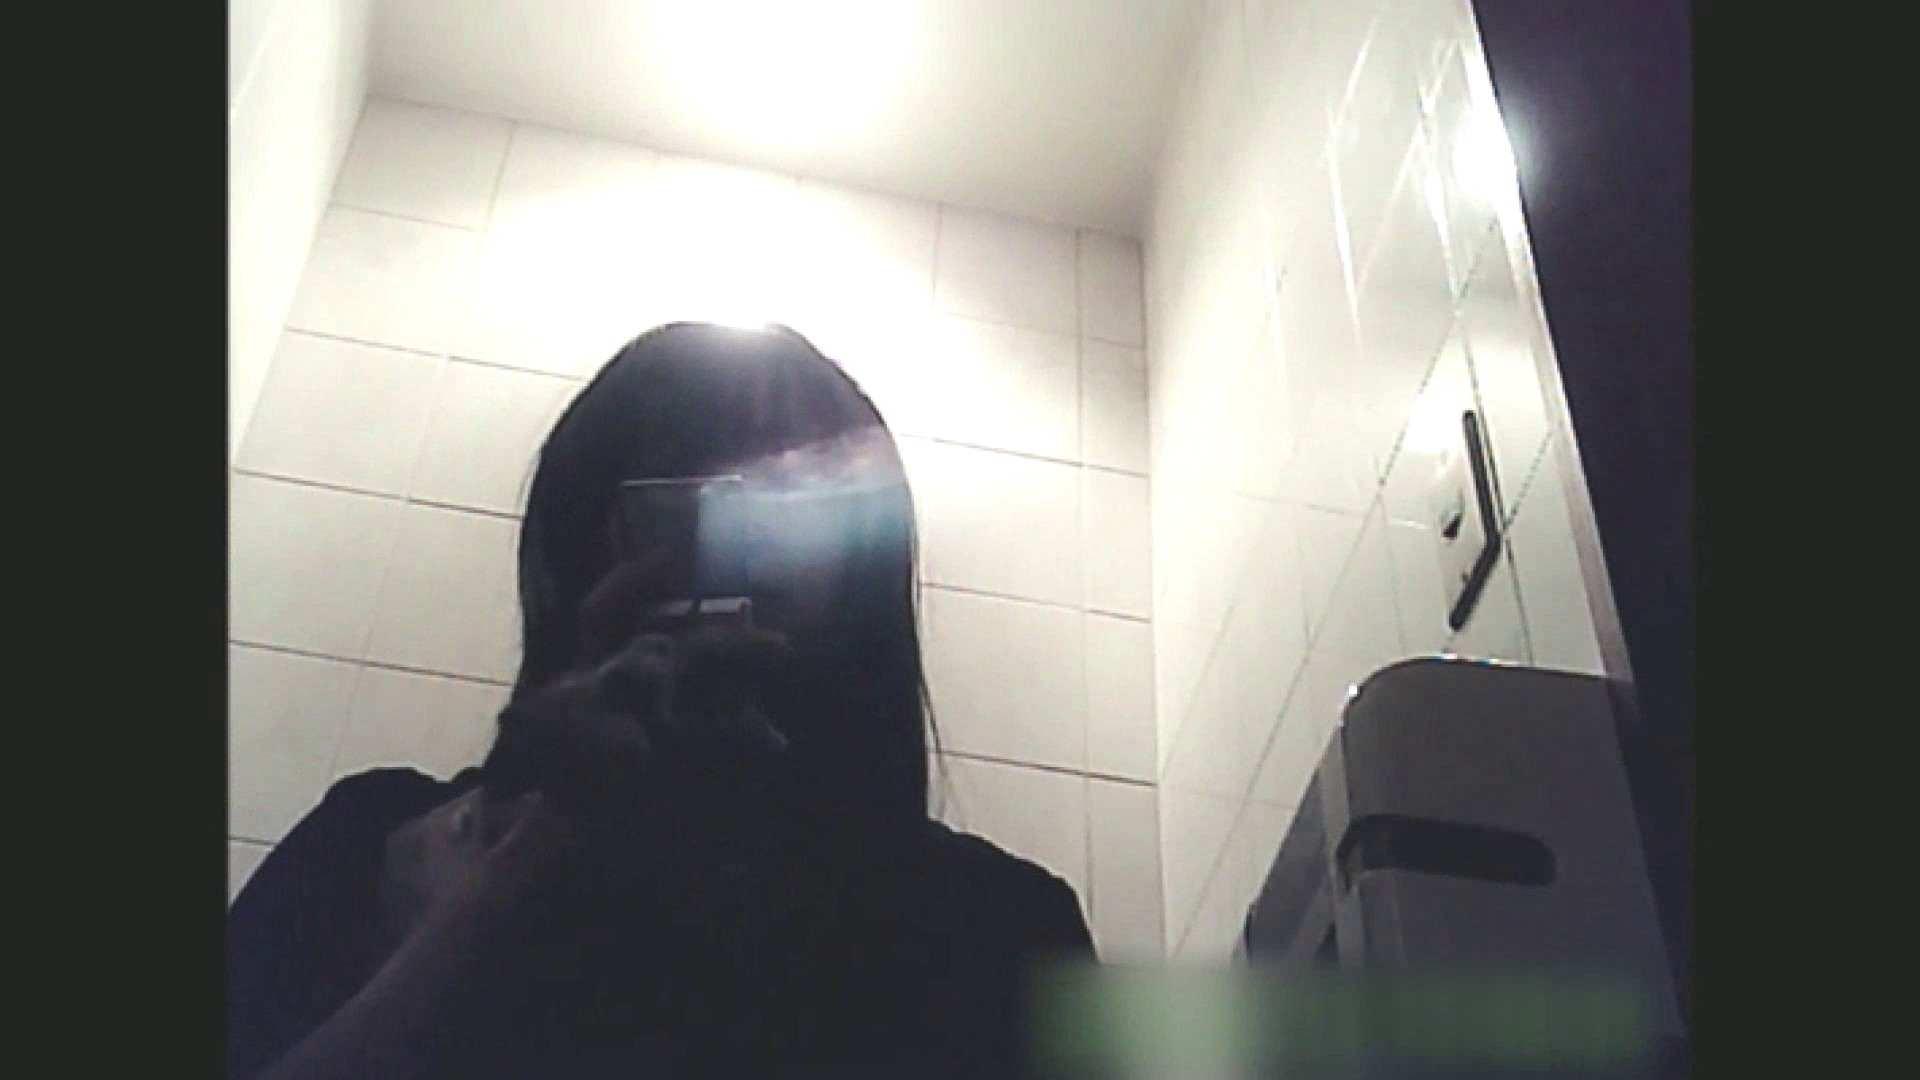 実録!!綺麗なお姉さんのトイレ事情・・・。vol.4 お姉さんヌード   お尻  67画像 1